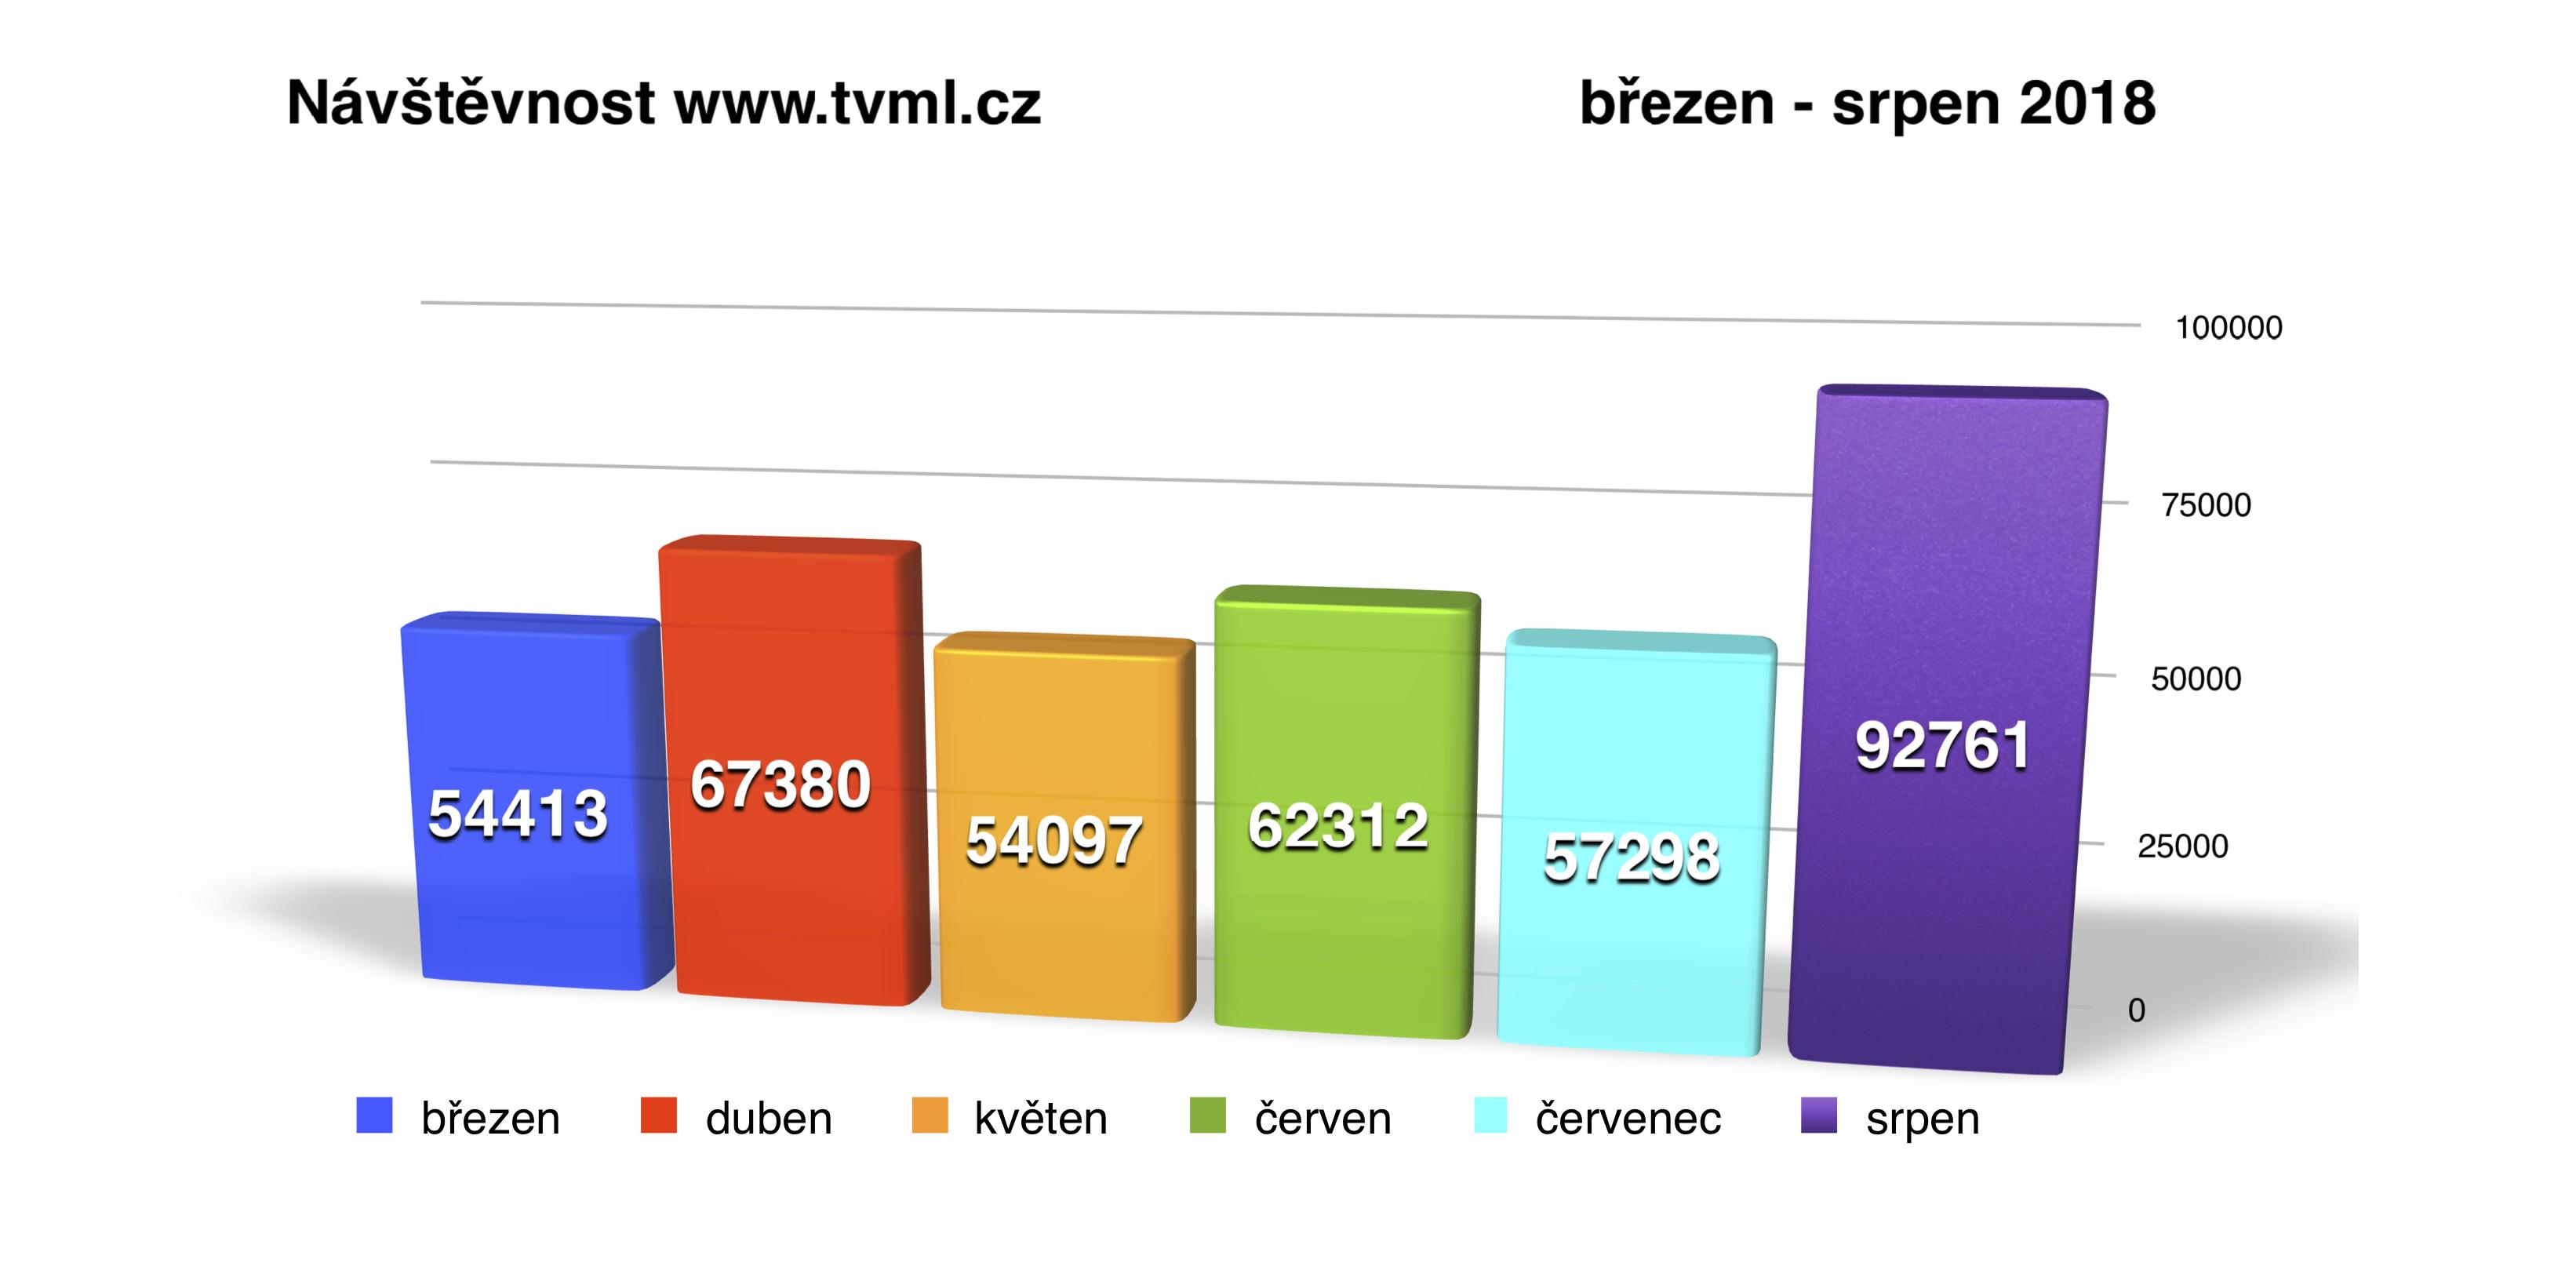 Zpravodajský web TVML zaznamenalv srpnupřes 92 tisíc návštěv